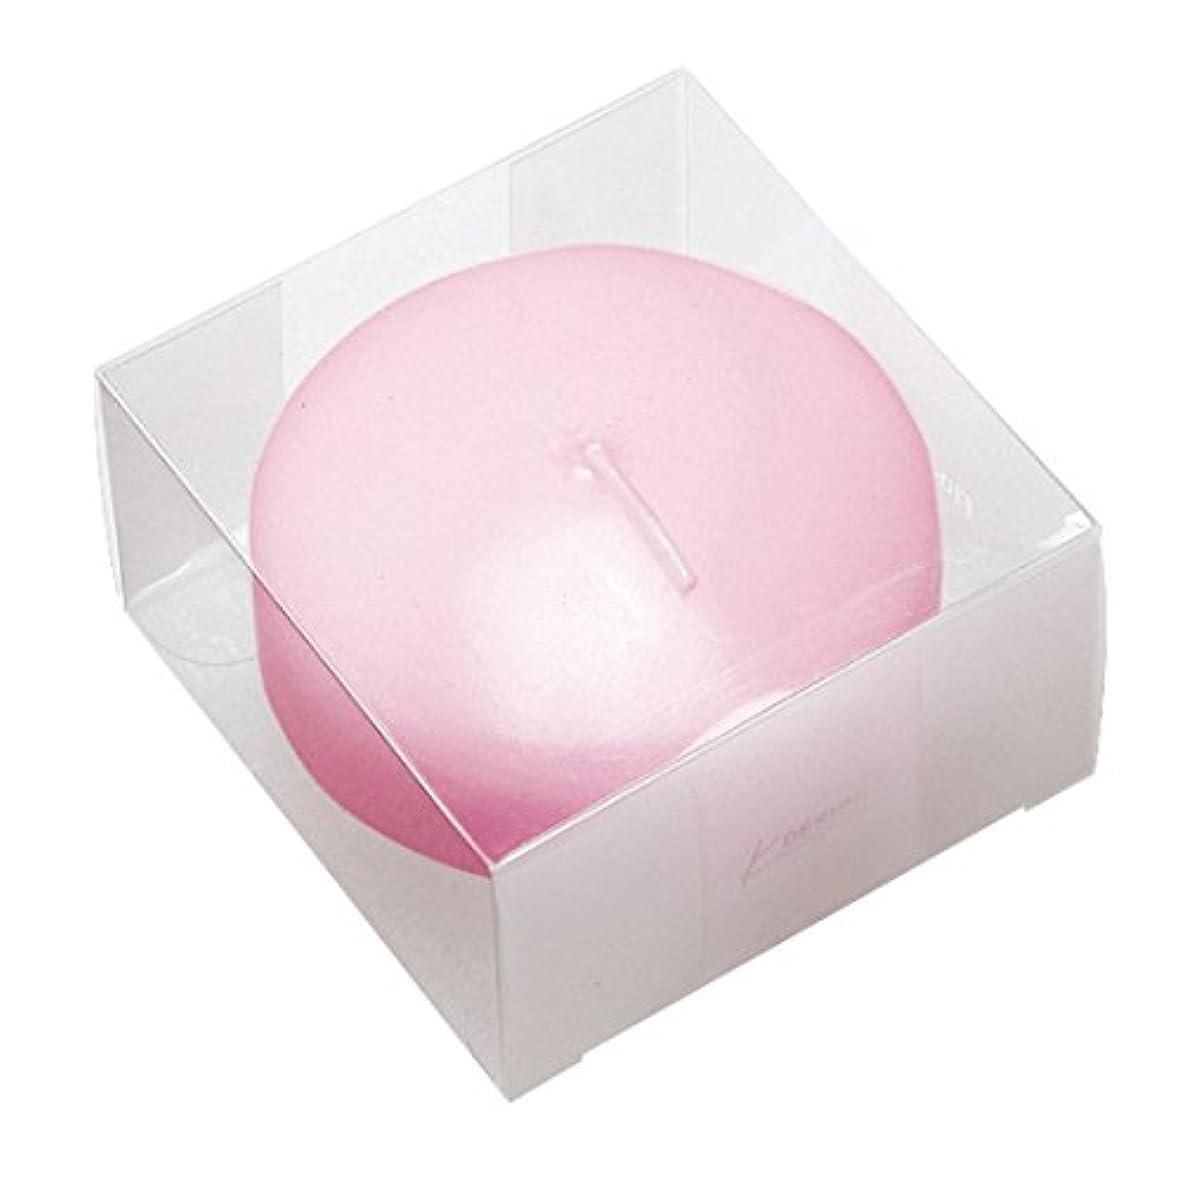 領域ぶどう割れ目プール80(箱入り) 「 ピンク 」